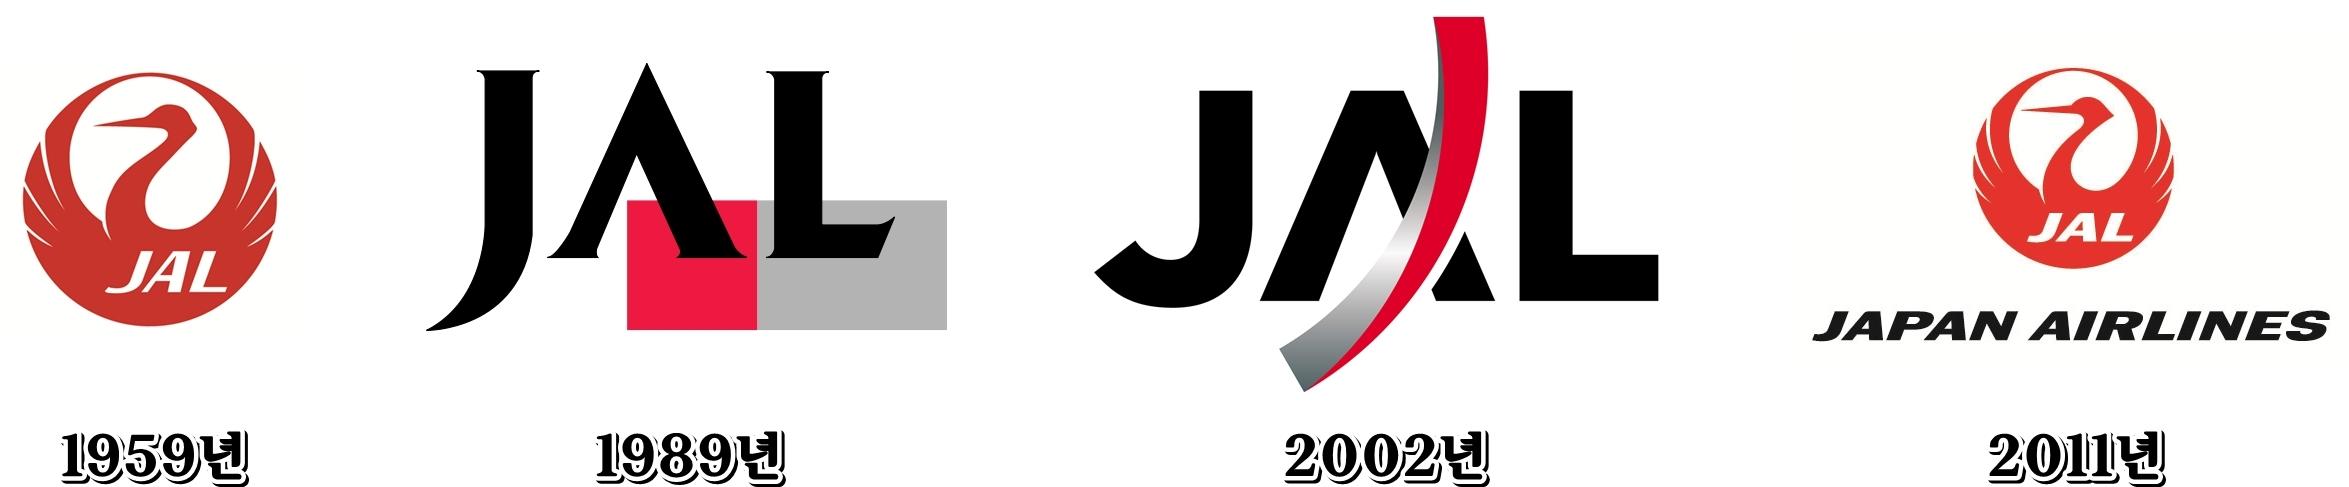 일본항공 로고 변화